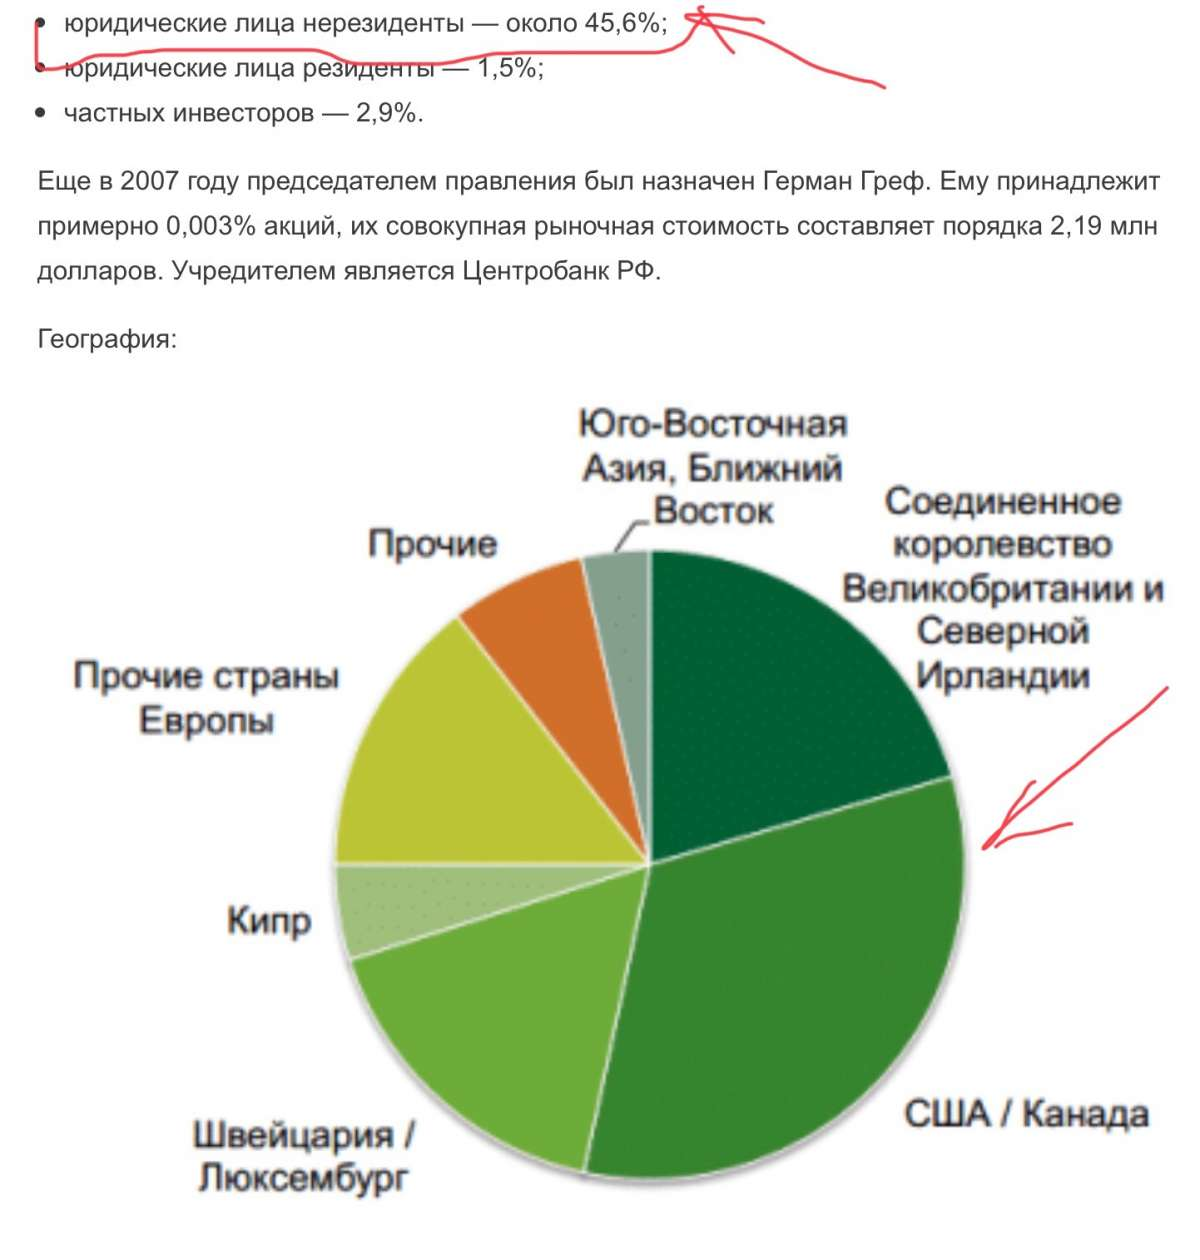 Кто курирует крупнейший банк России – Сбер и Германа Грефа из-за рубежа